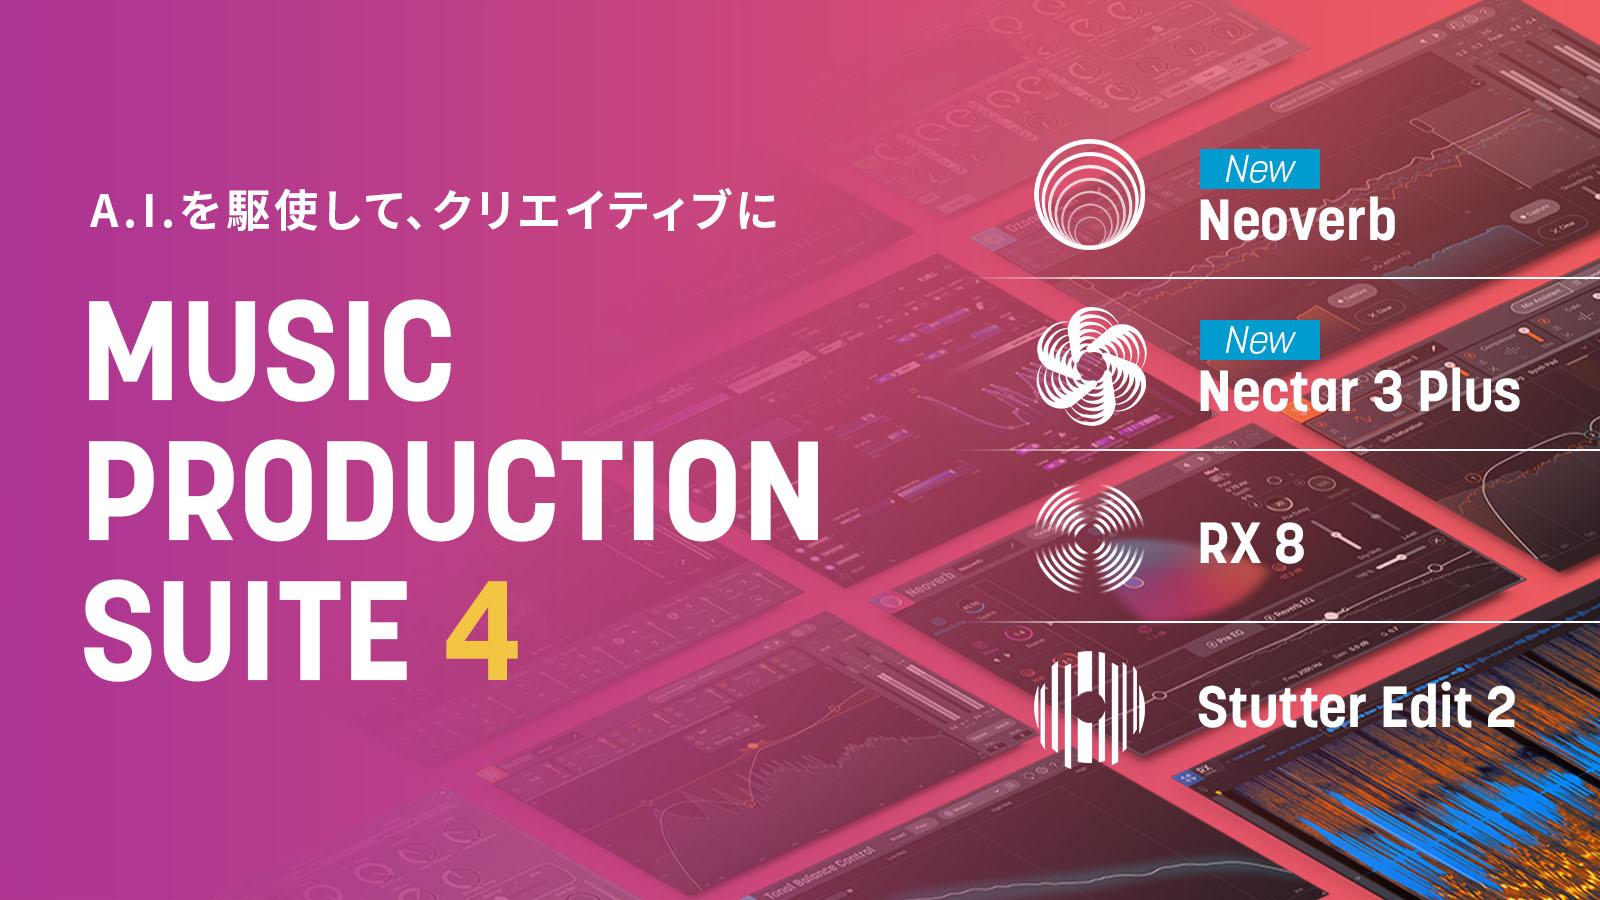 【最大52%OFF】iZotope Music Production Suite 4がイントロセール中!